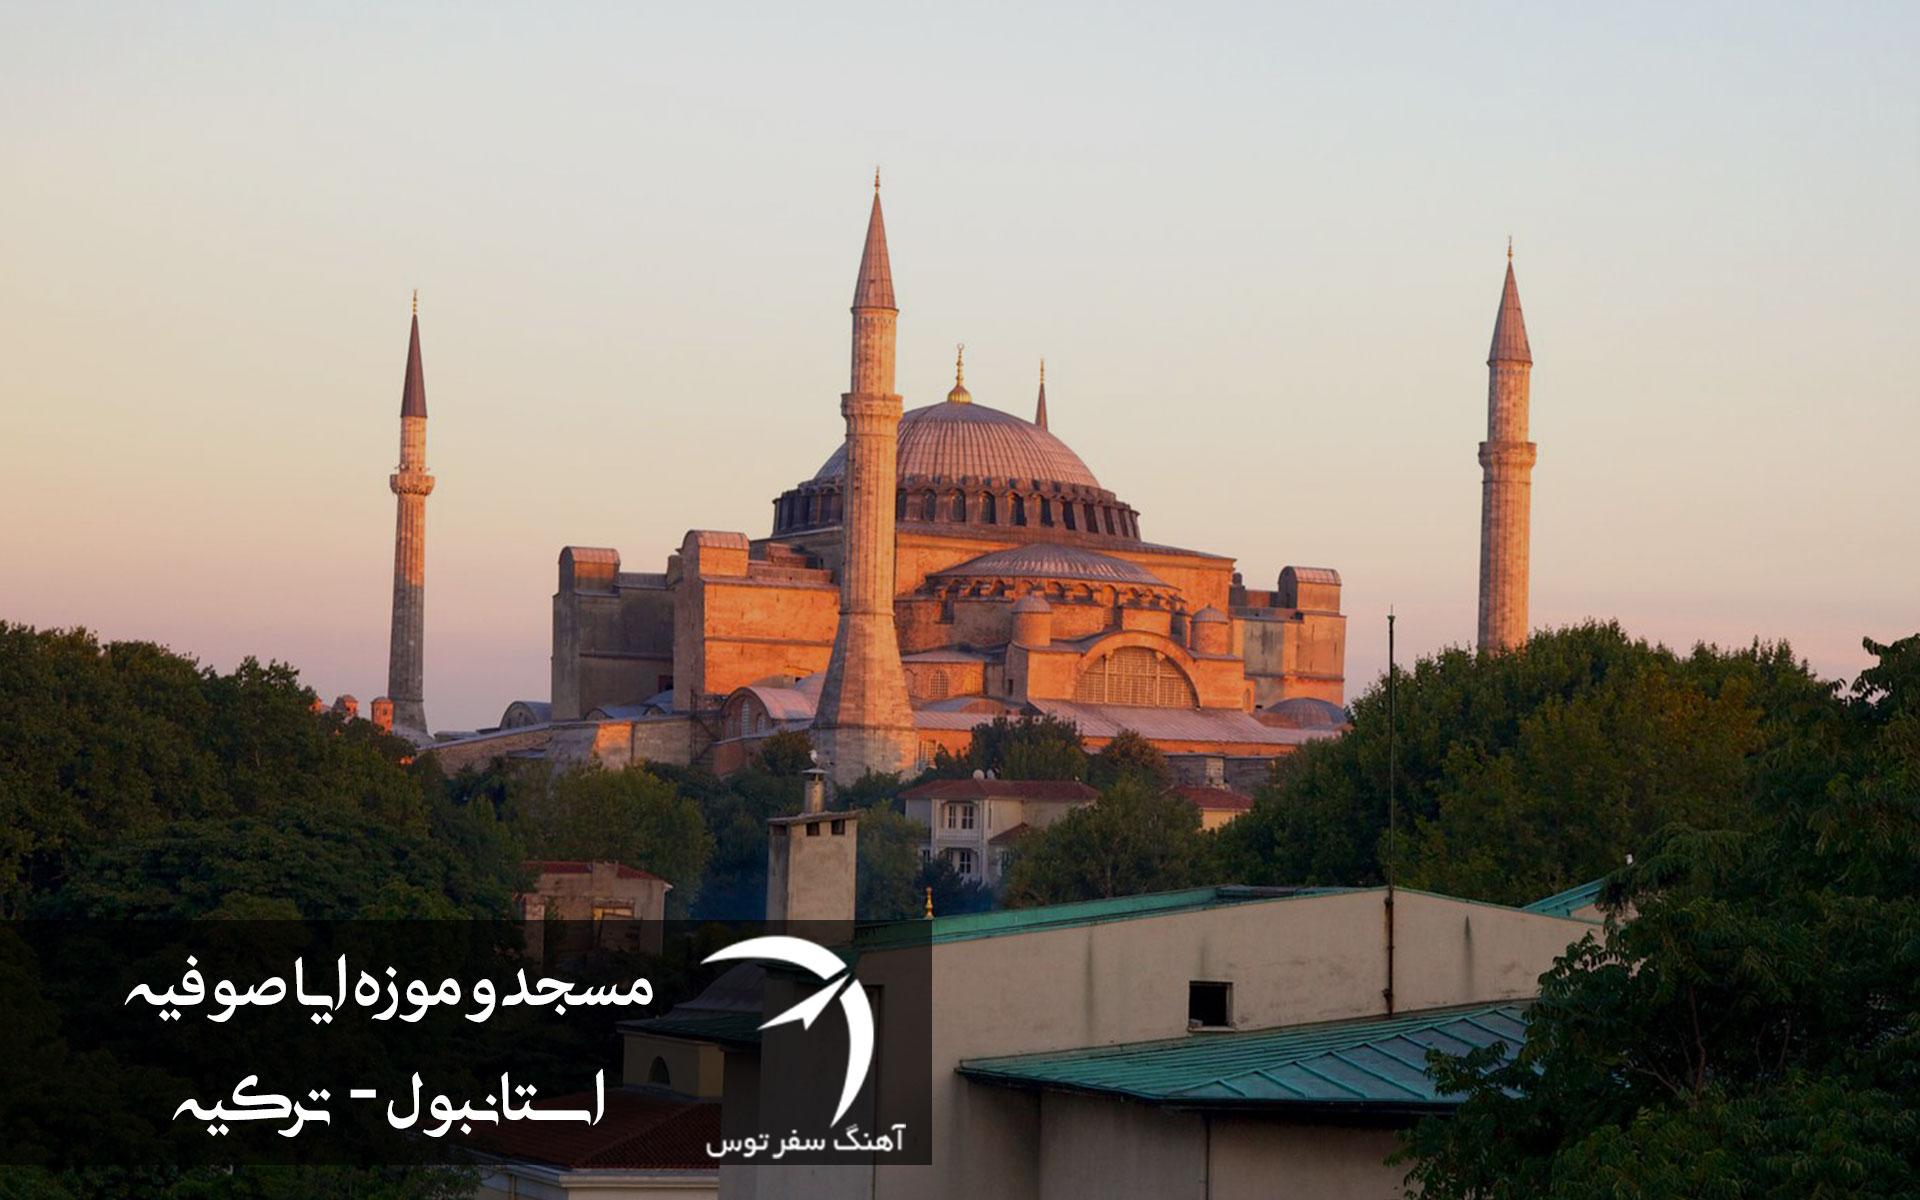 مسجد و موزه ایا صوفیه